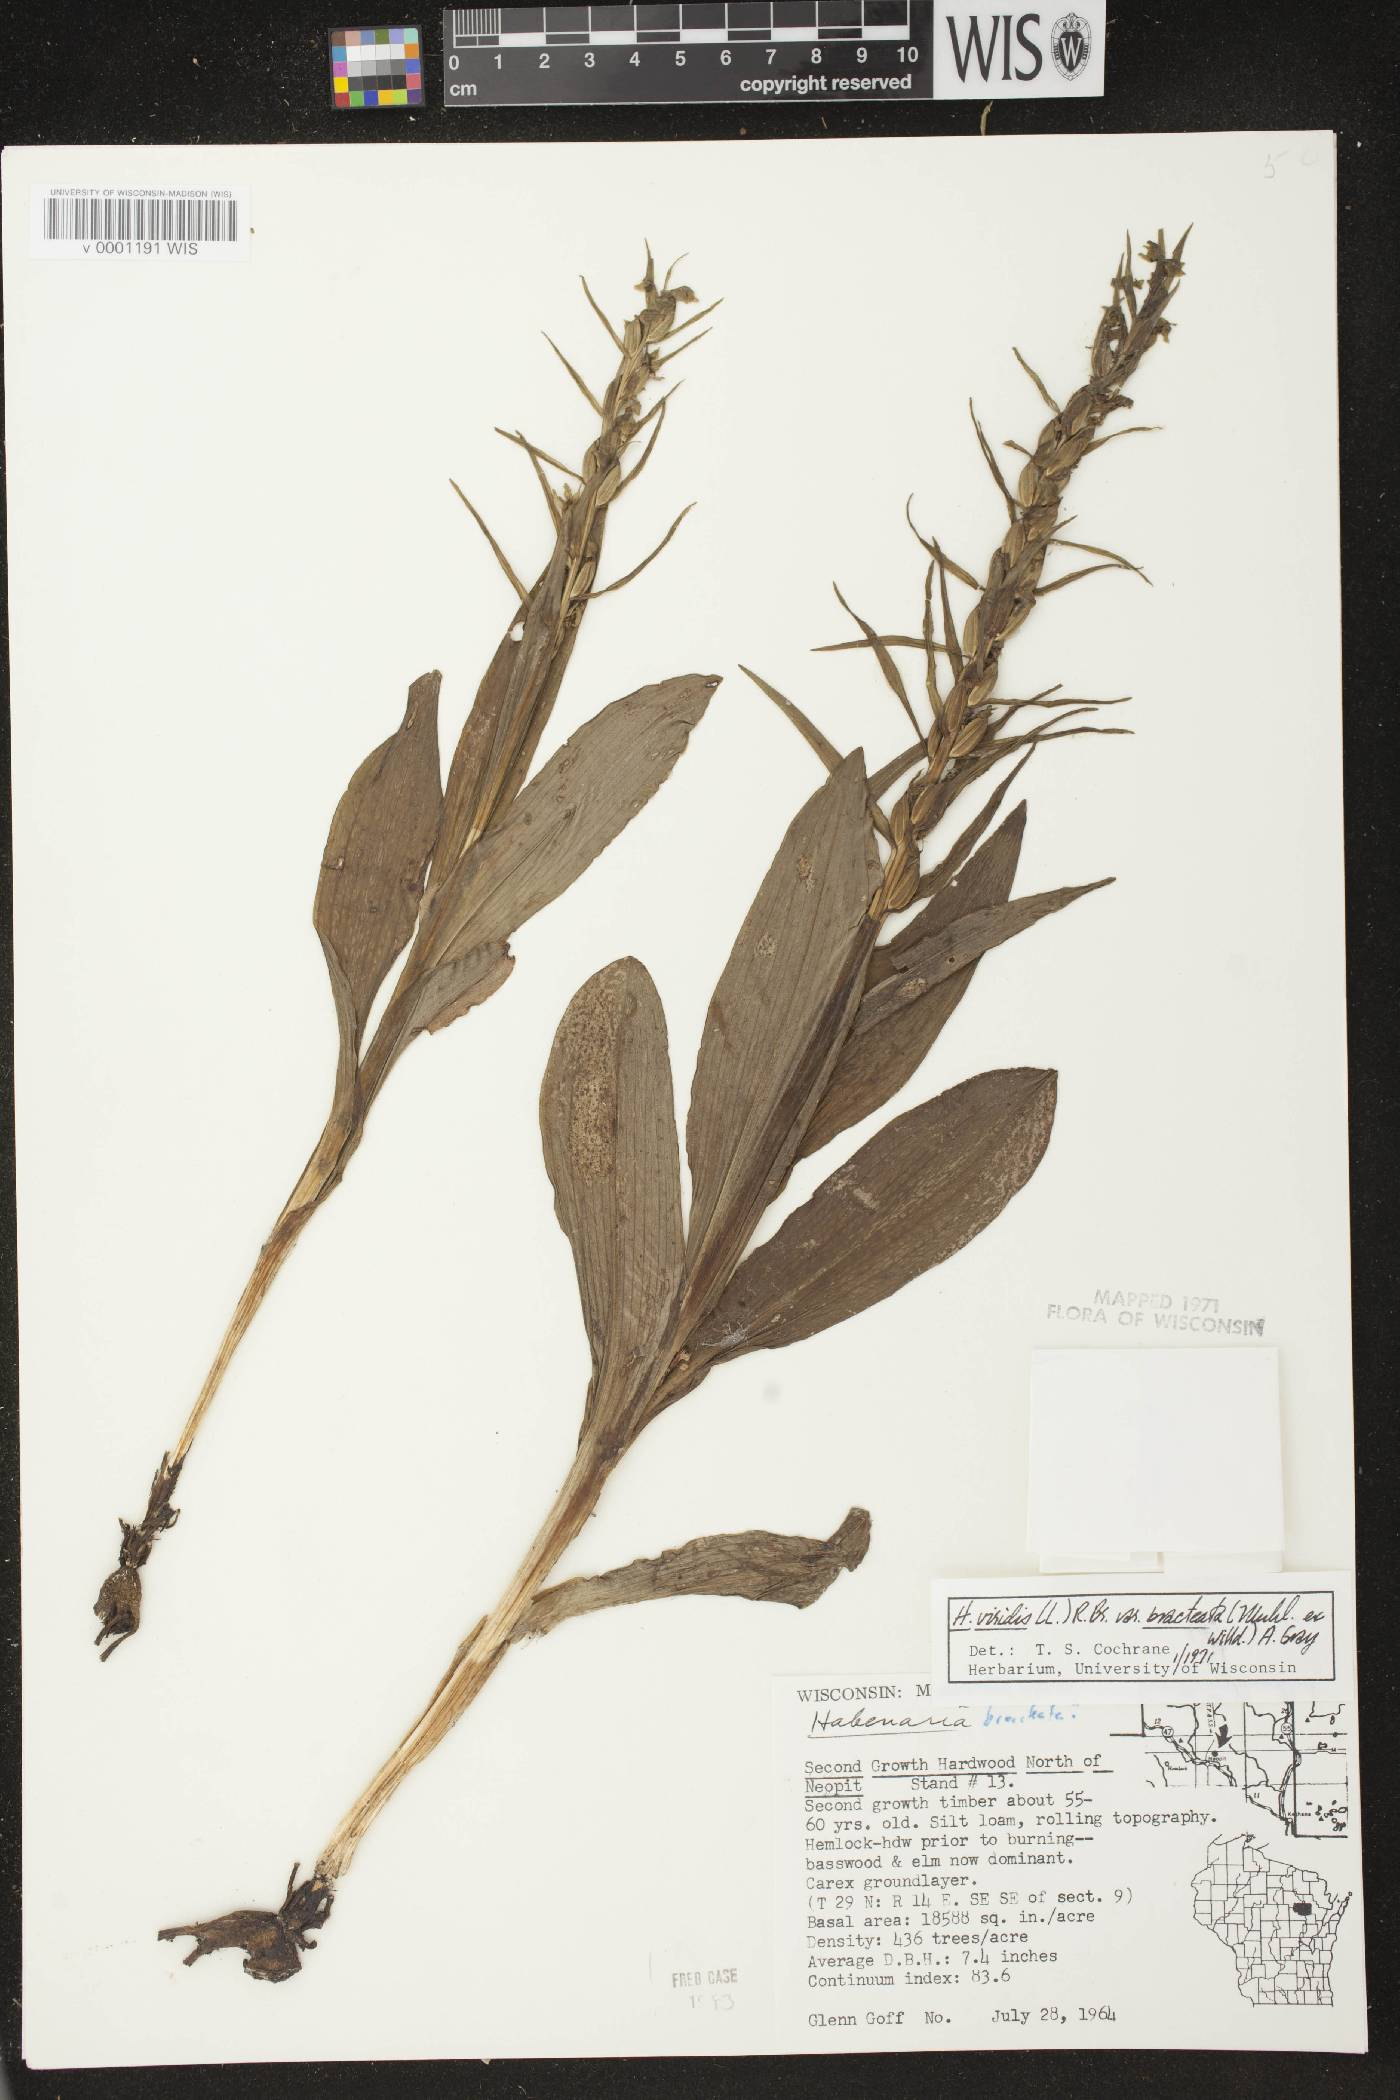 Coeloglossum viride var. virescens image